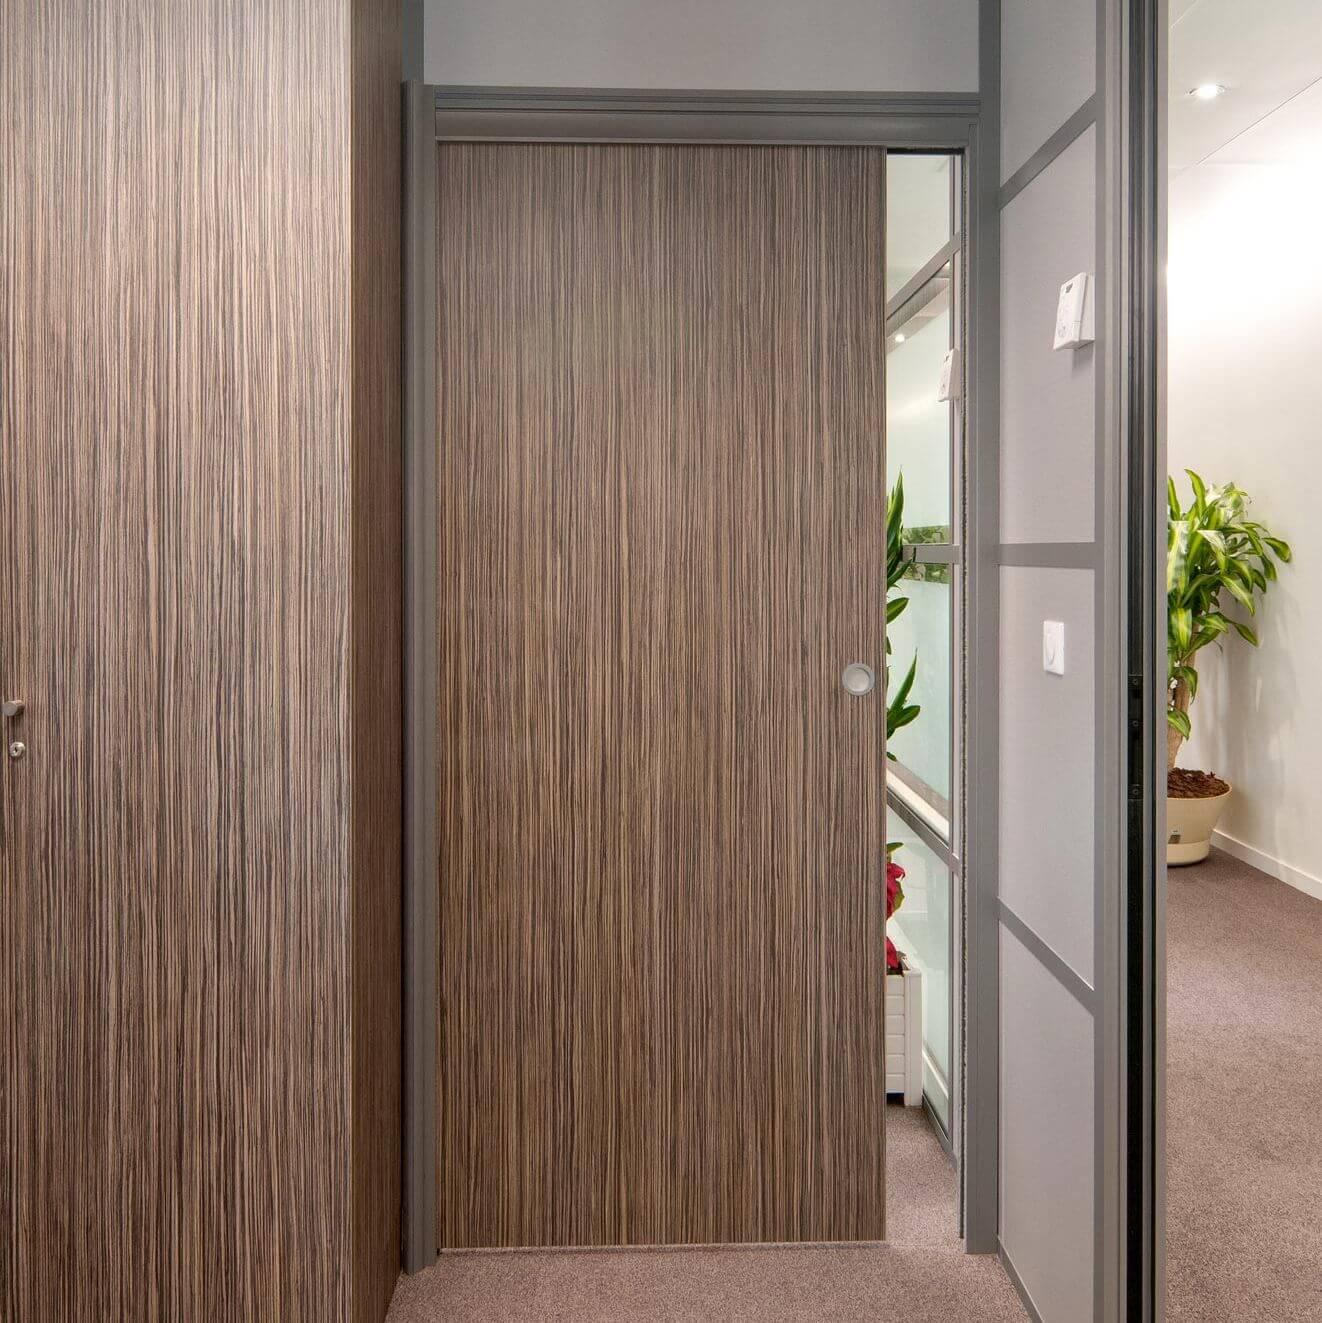 Le système Integral est une porte à galandage conçue pour nos cloisons pleines et vitrées